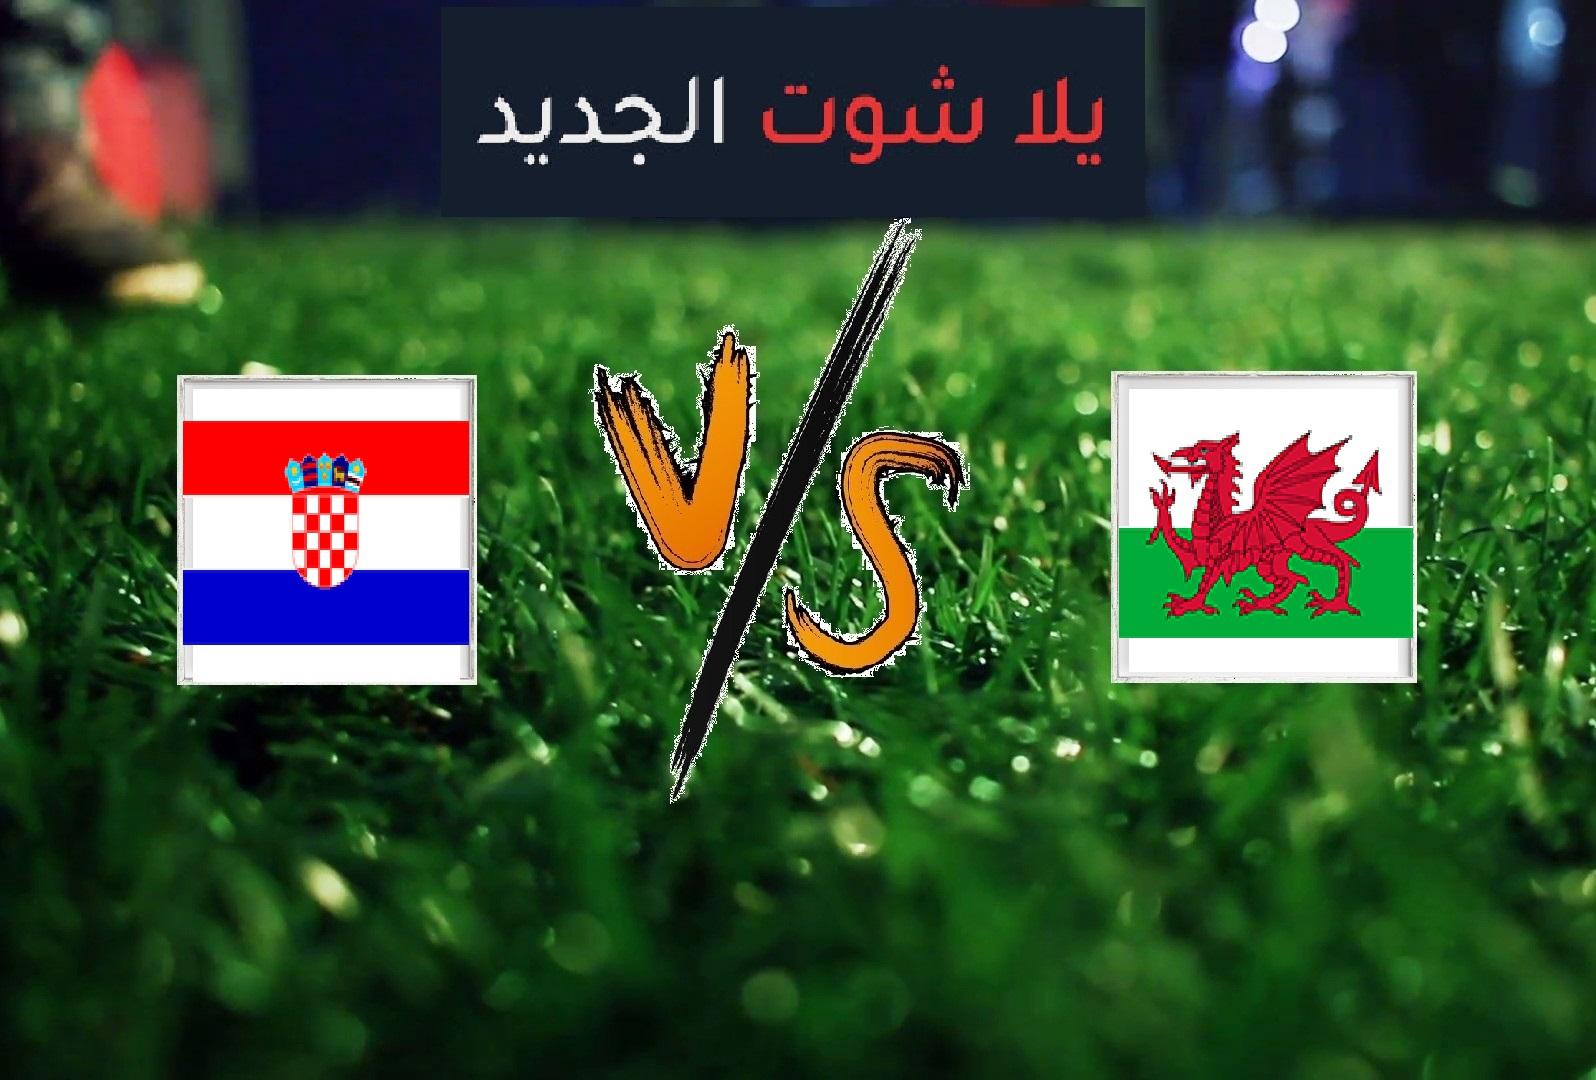 ملخص مباراة كرواتيا وويلز اليوم السبت بتاريخ 08-06-2019 التصفيات المؤهلة ليورو 2020